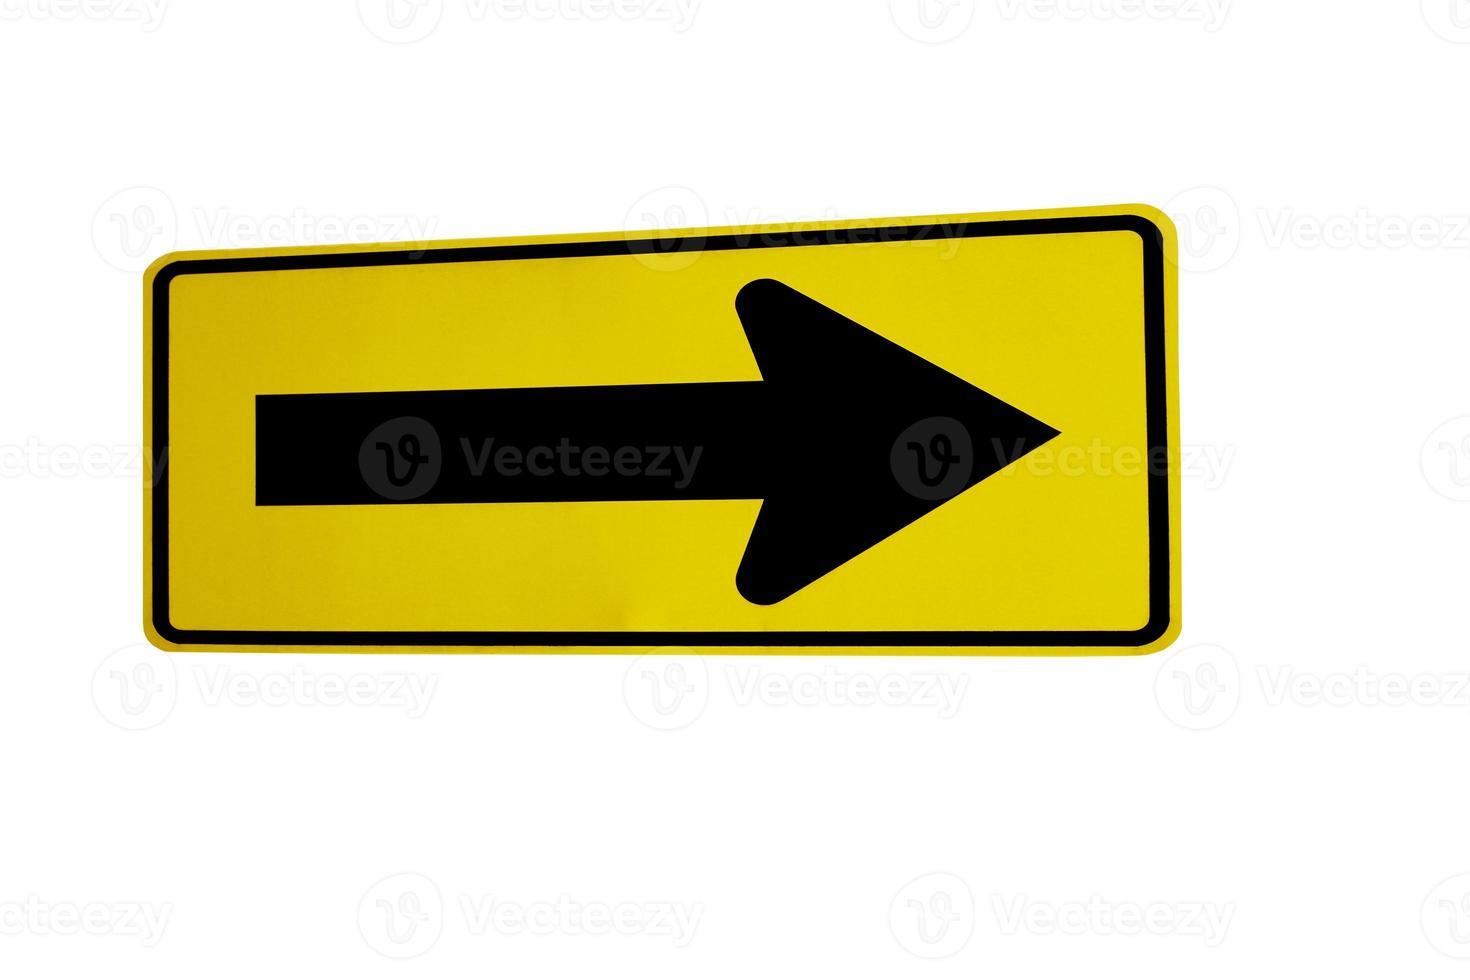 segnale stradale direzionale foto